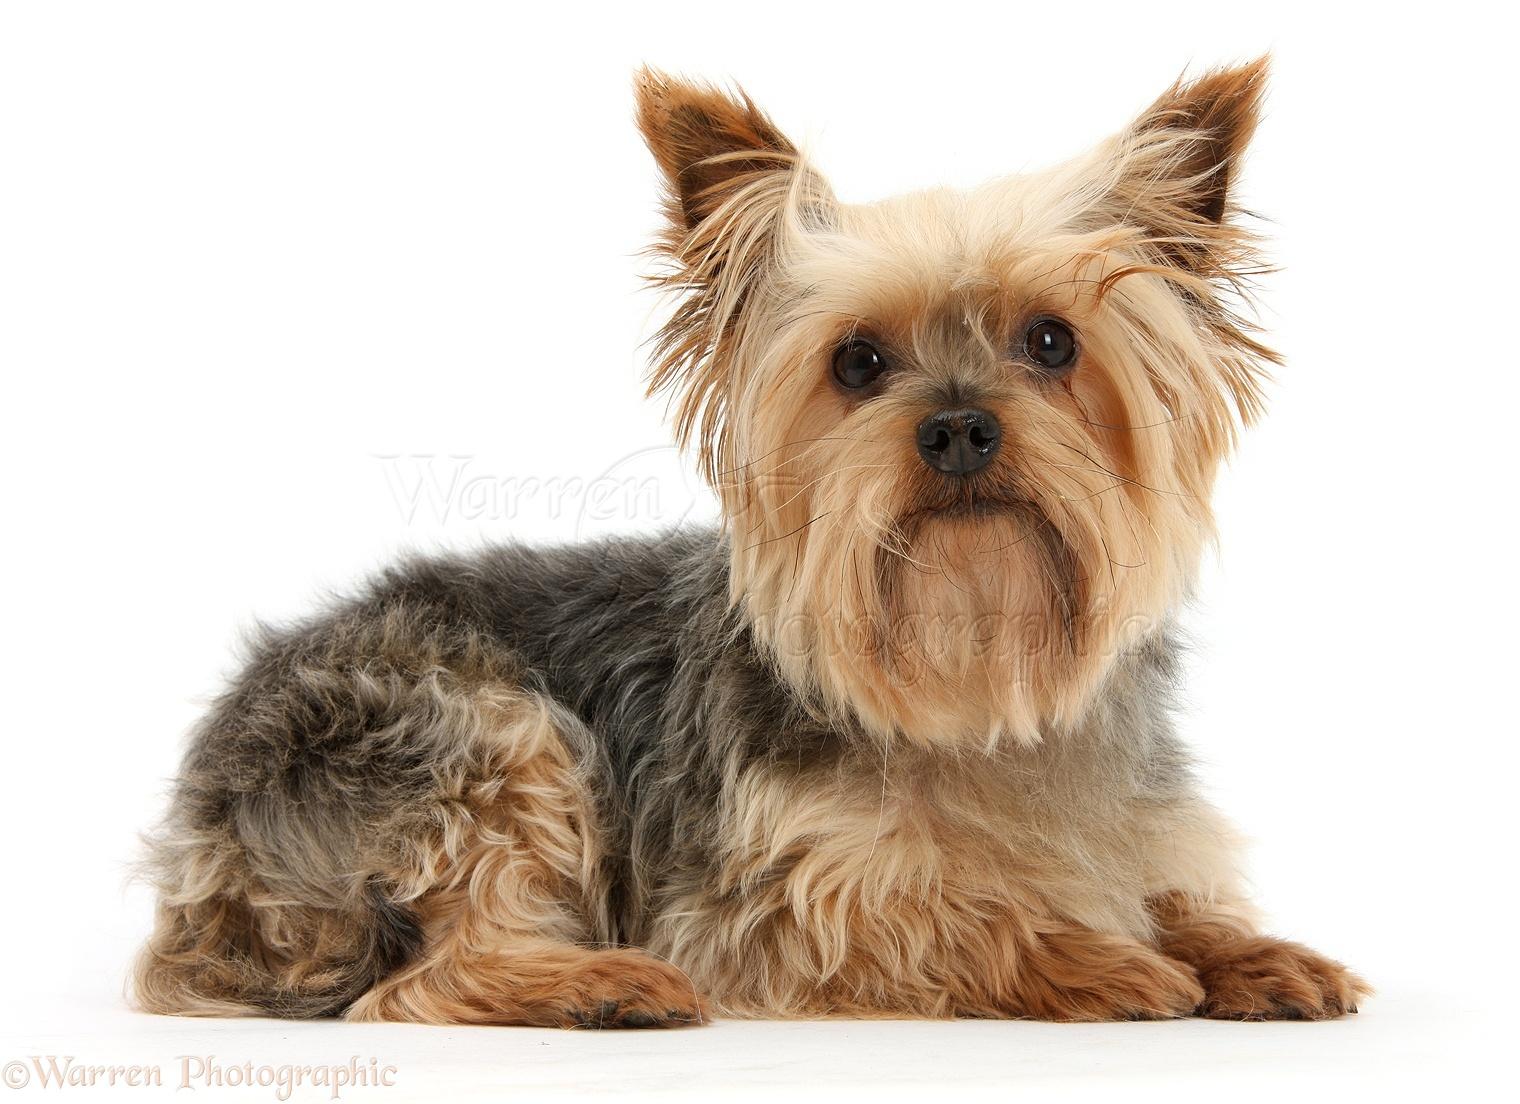 Dog Yorkie Photo Wp27207